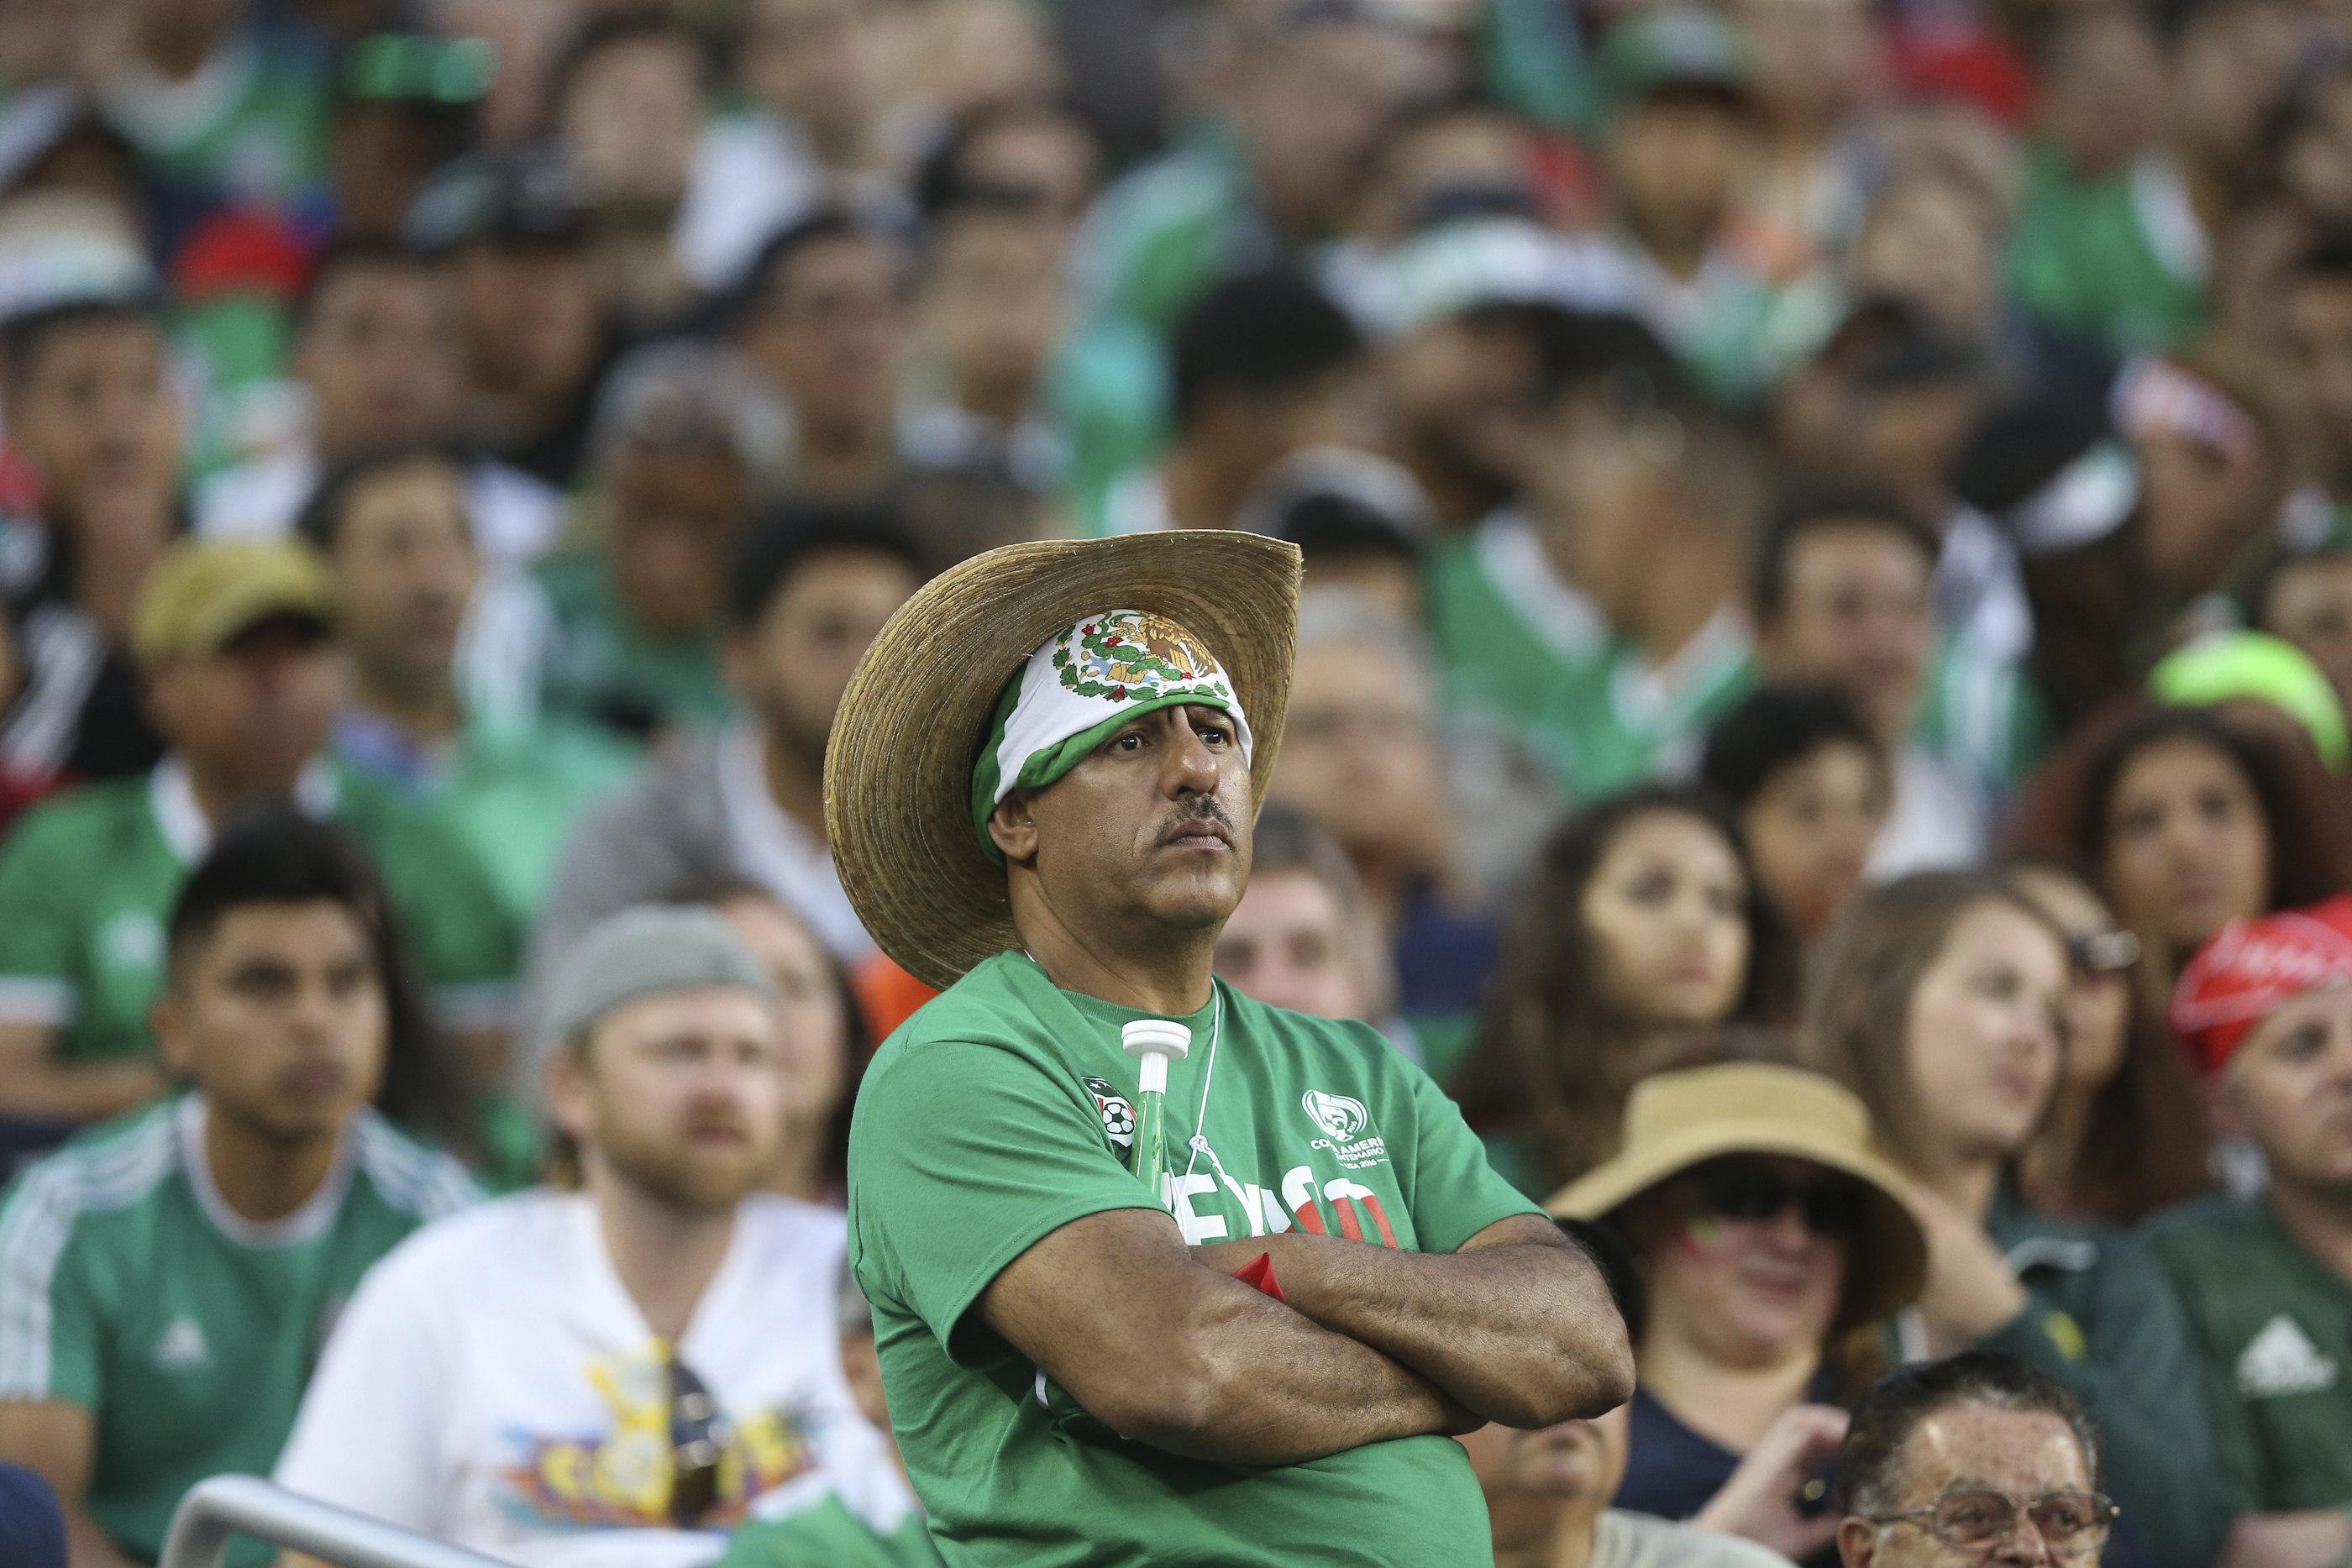 SCL65. SANTA CLARA (CA, EE.UU.), 18/06/2016.- Aficionados mexicanos se lamentan por la derrota de su equipo hoy, sábado 18 de junio de 2016, durante un partido entre México y Chile por los cuartos de final de la Copa América Centenario, en el Levi's Stadium de Santa Clara, California (EE.UU.). EFE/David Fernández